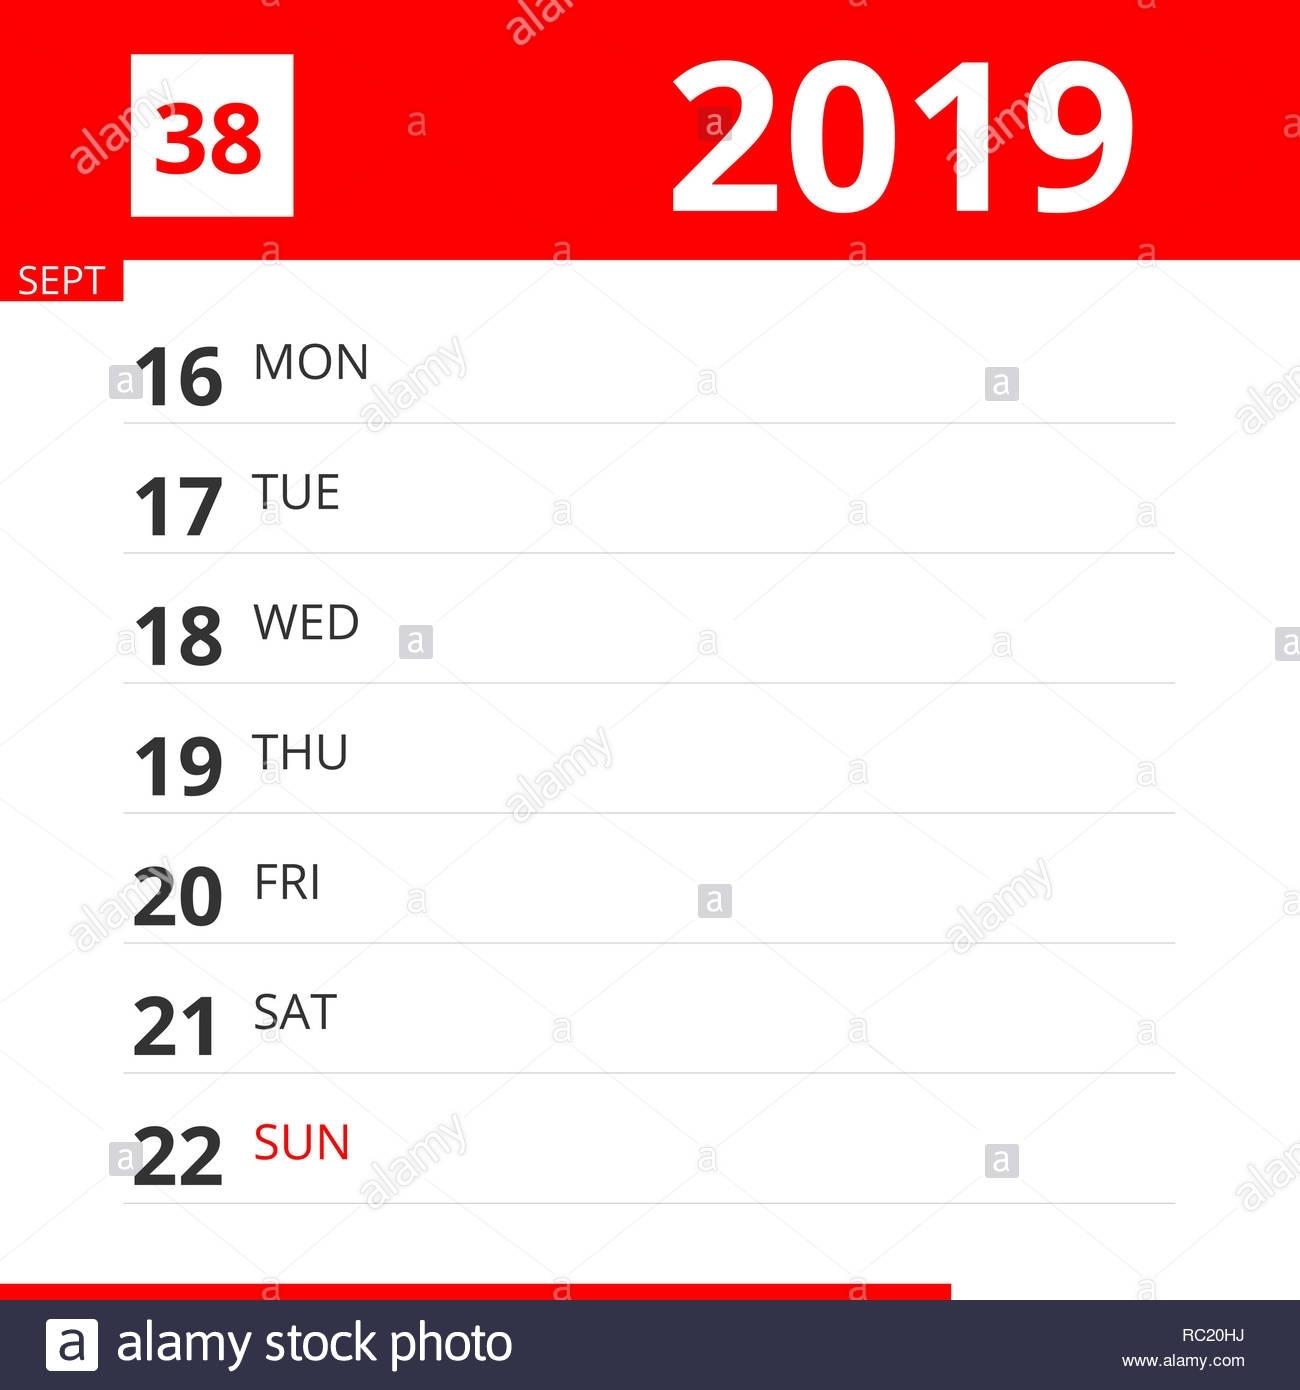 Calendar Planner For Week 38 In 2019, Ends September 22